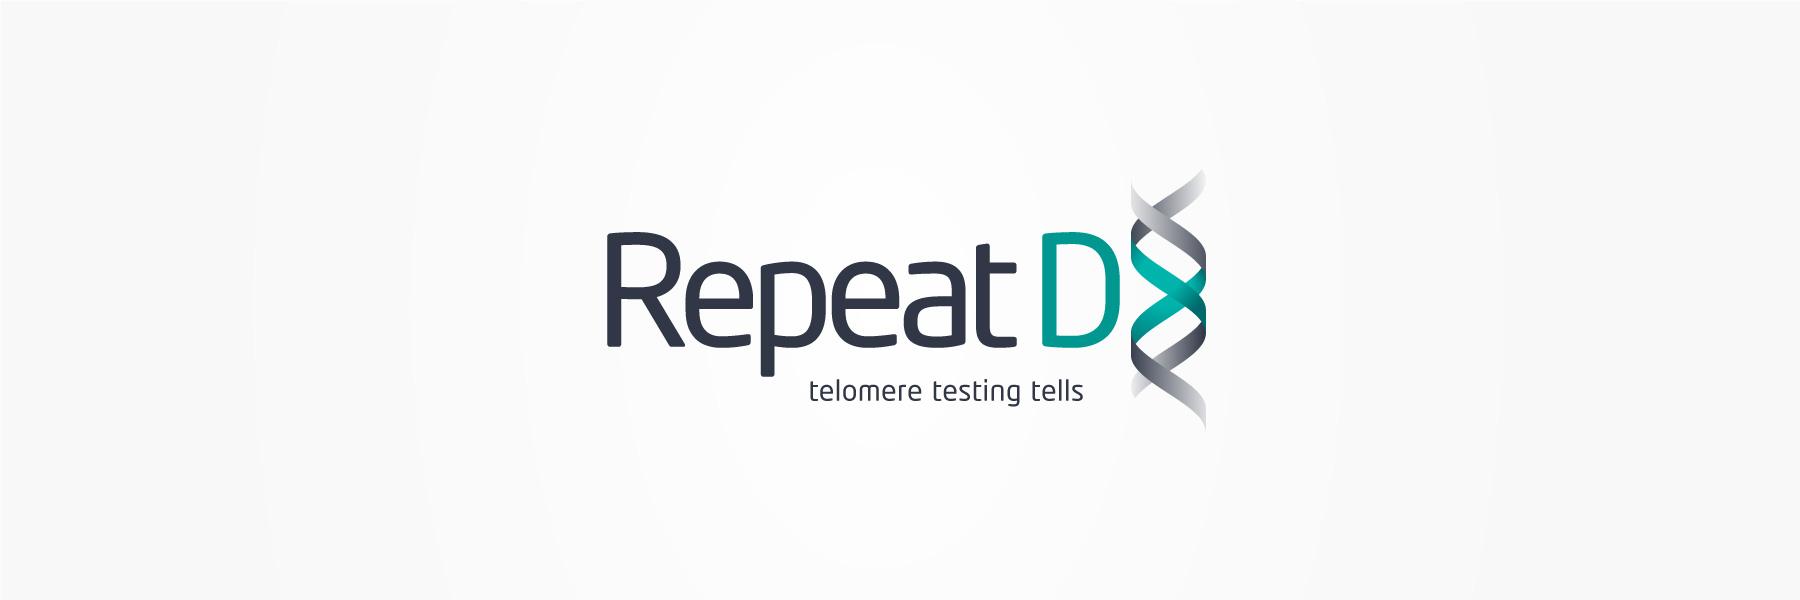 RepeatDx-logo-design